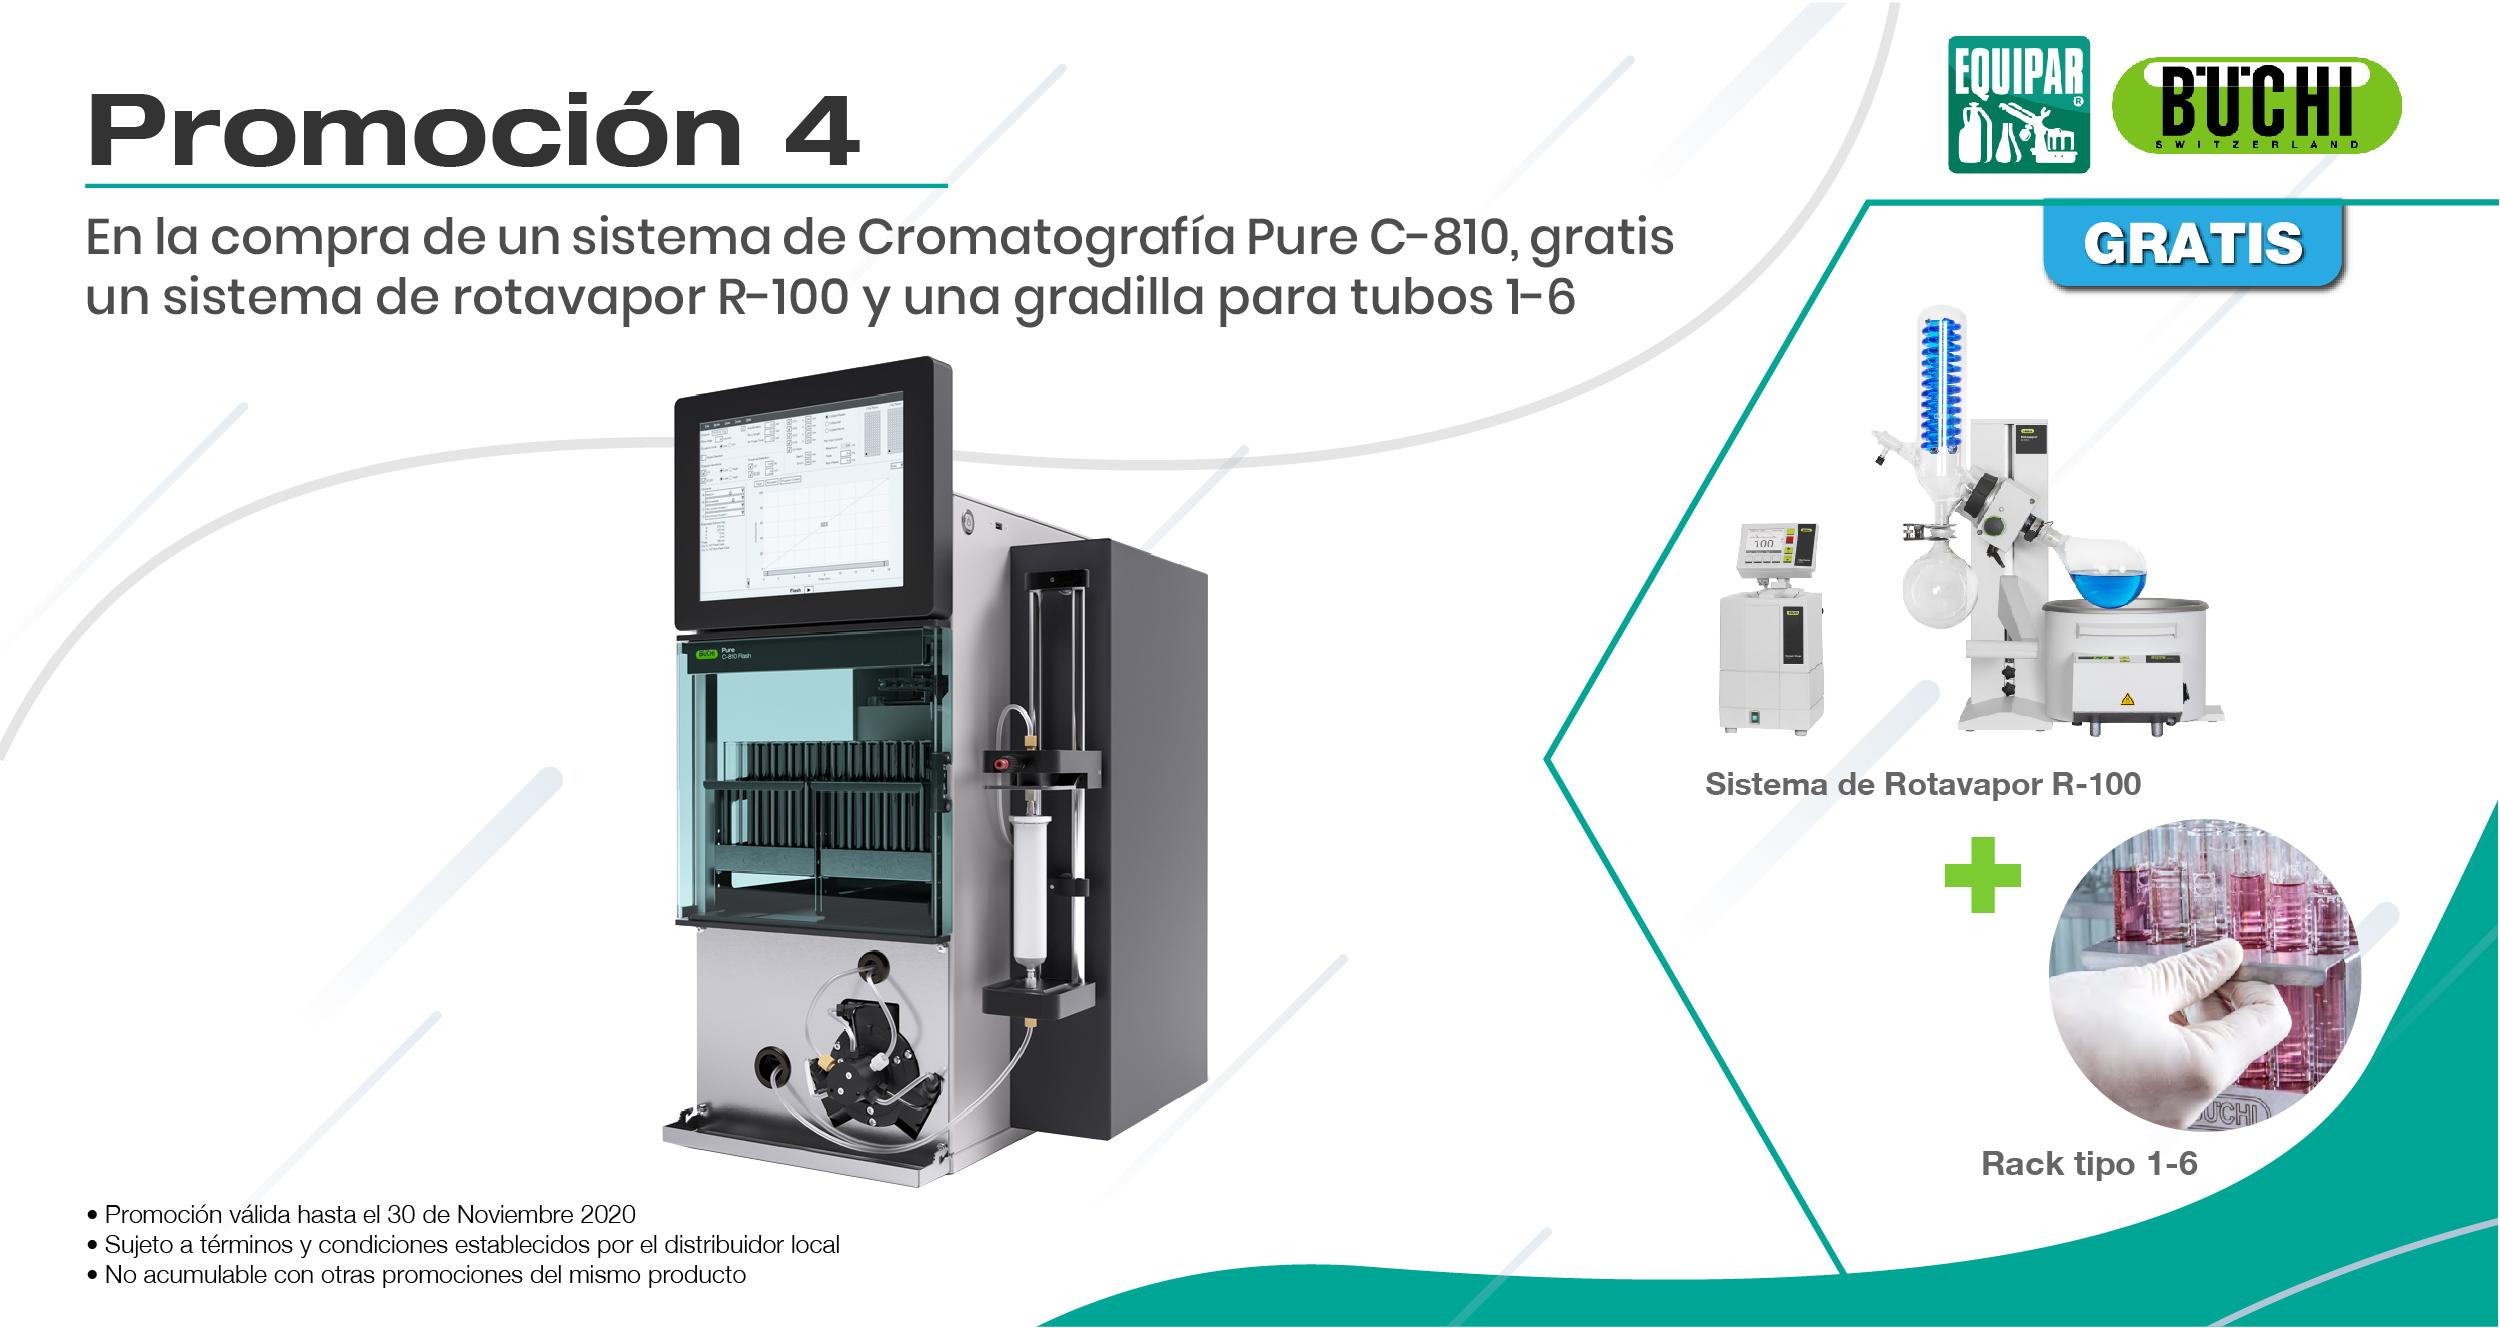 Cromatógrafo Pure C-810 Image